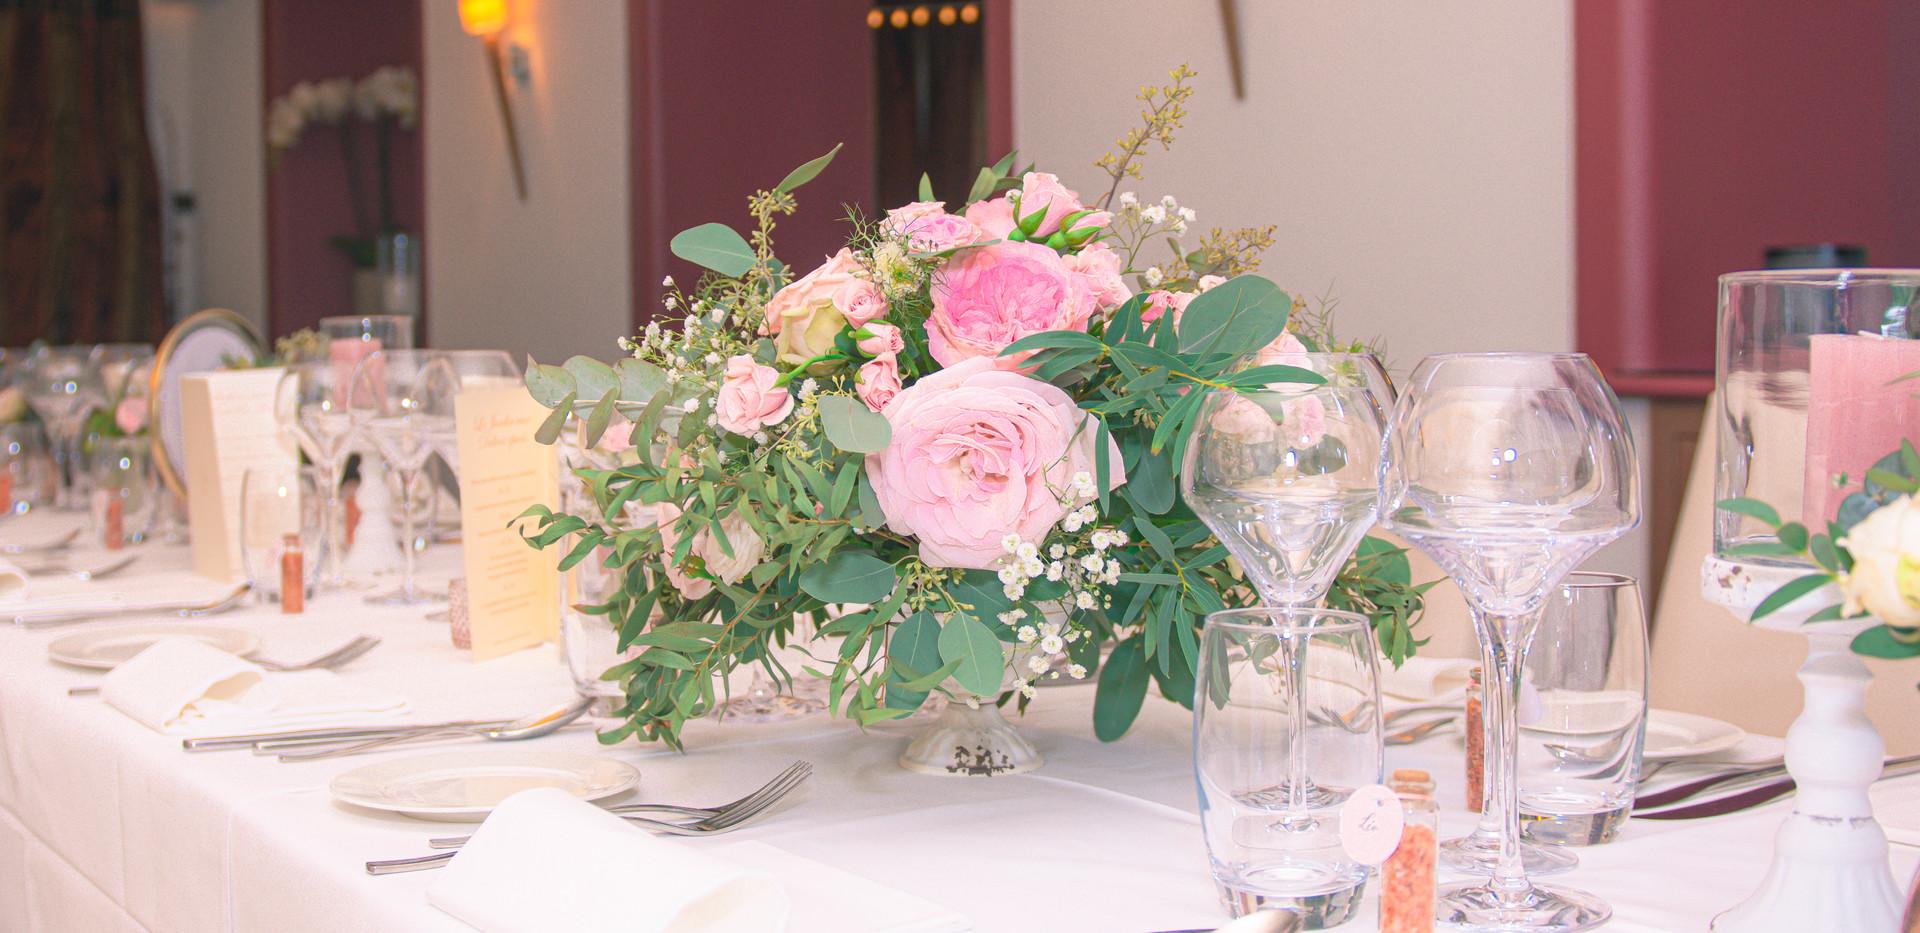 Centre de table floral Envies Déco.jpg